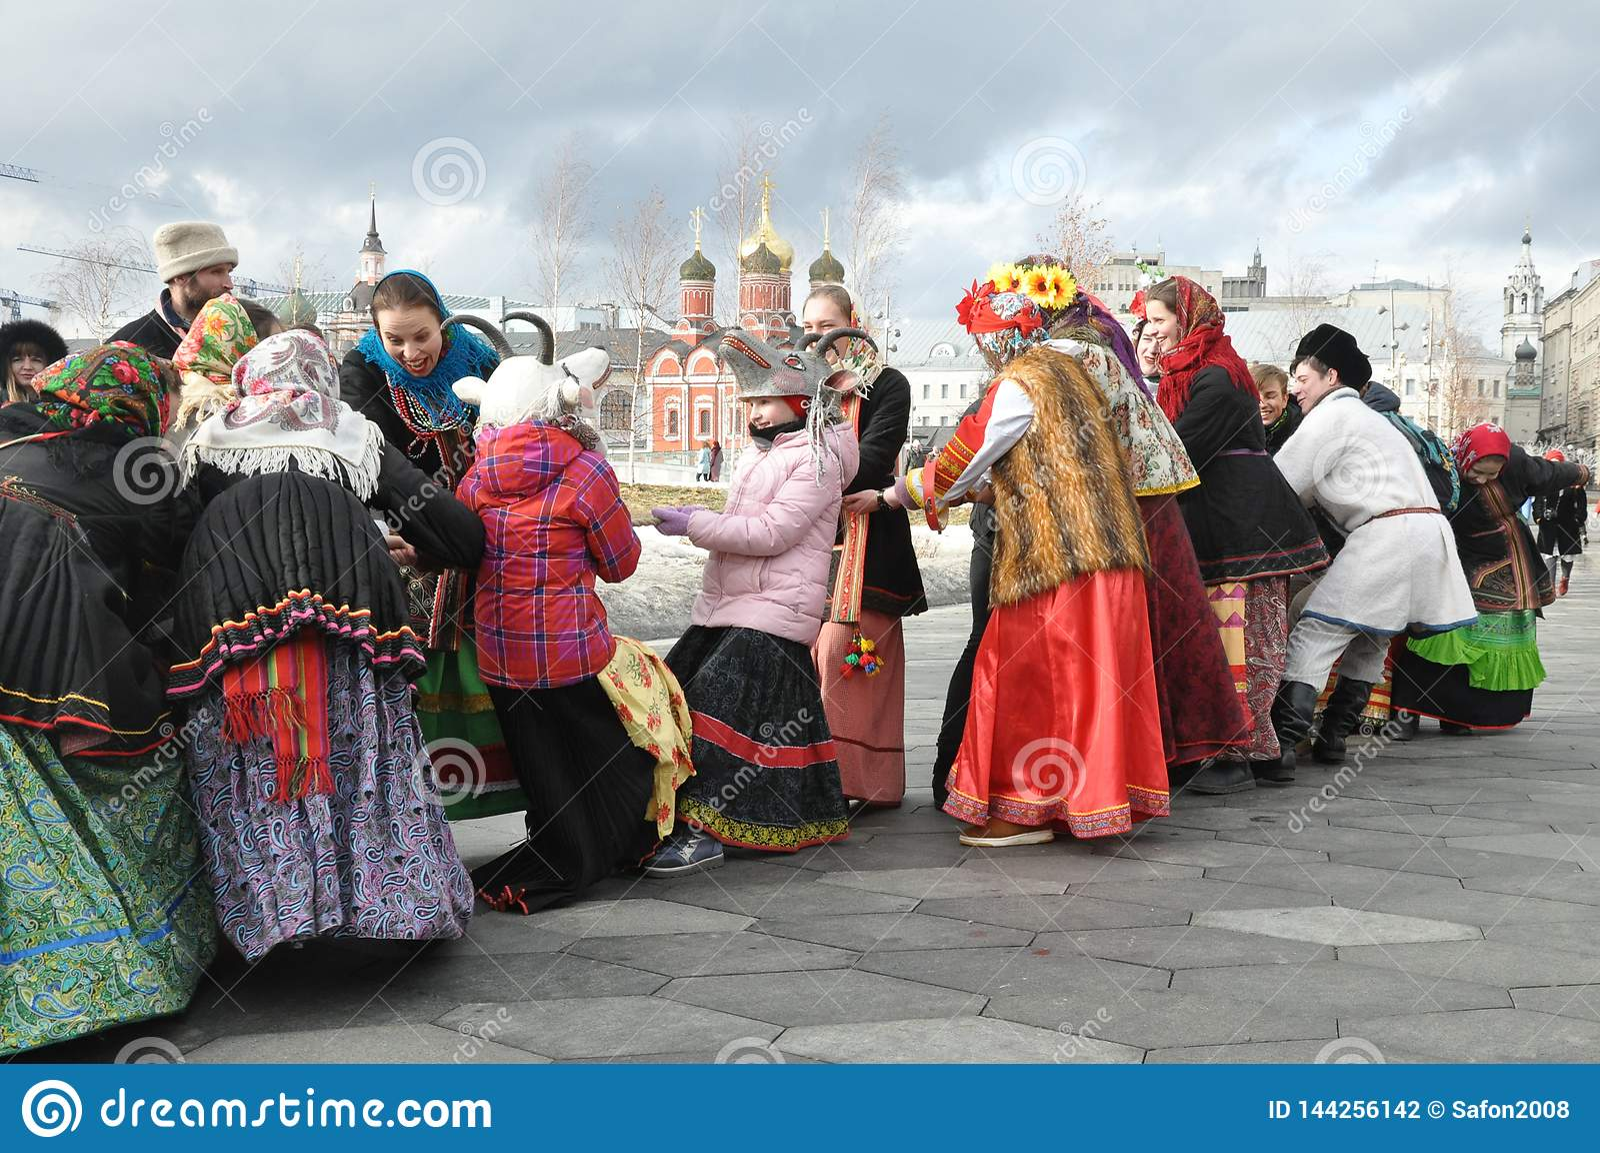 Moskau, Russische F?deration, am 10. M?rz 2019: Maslenitsa in der Mitte der russischen Hauptstadt